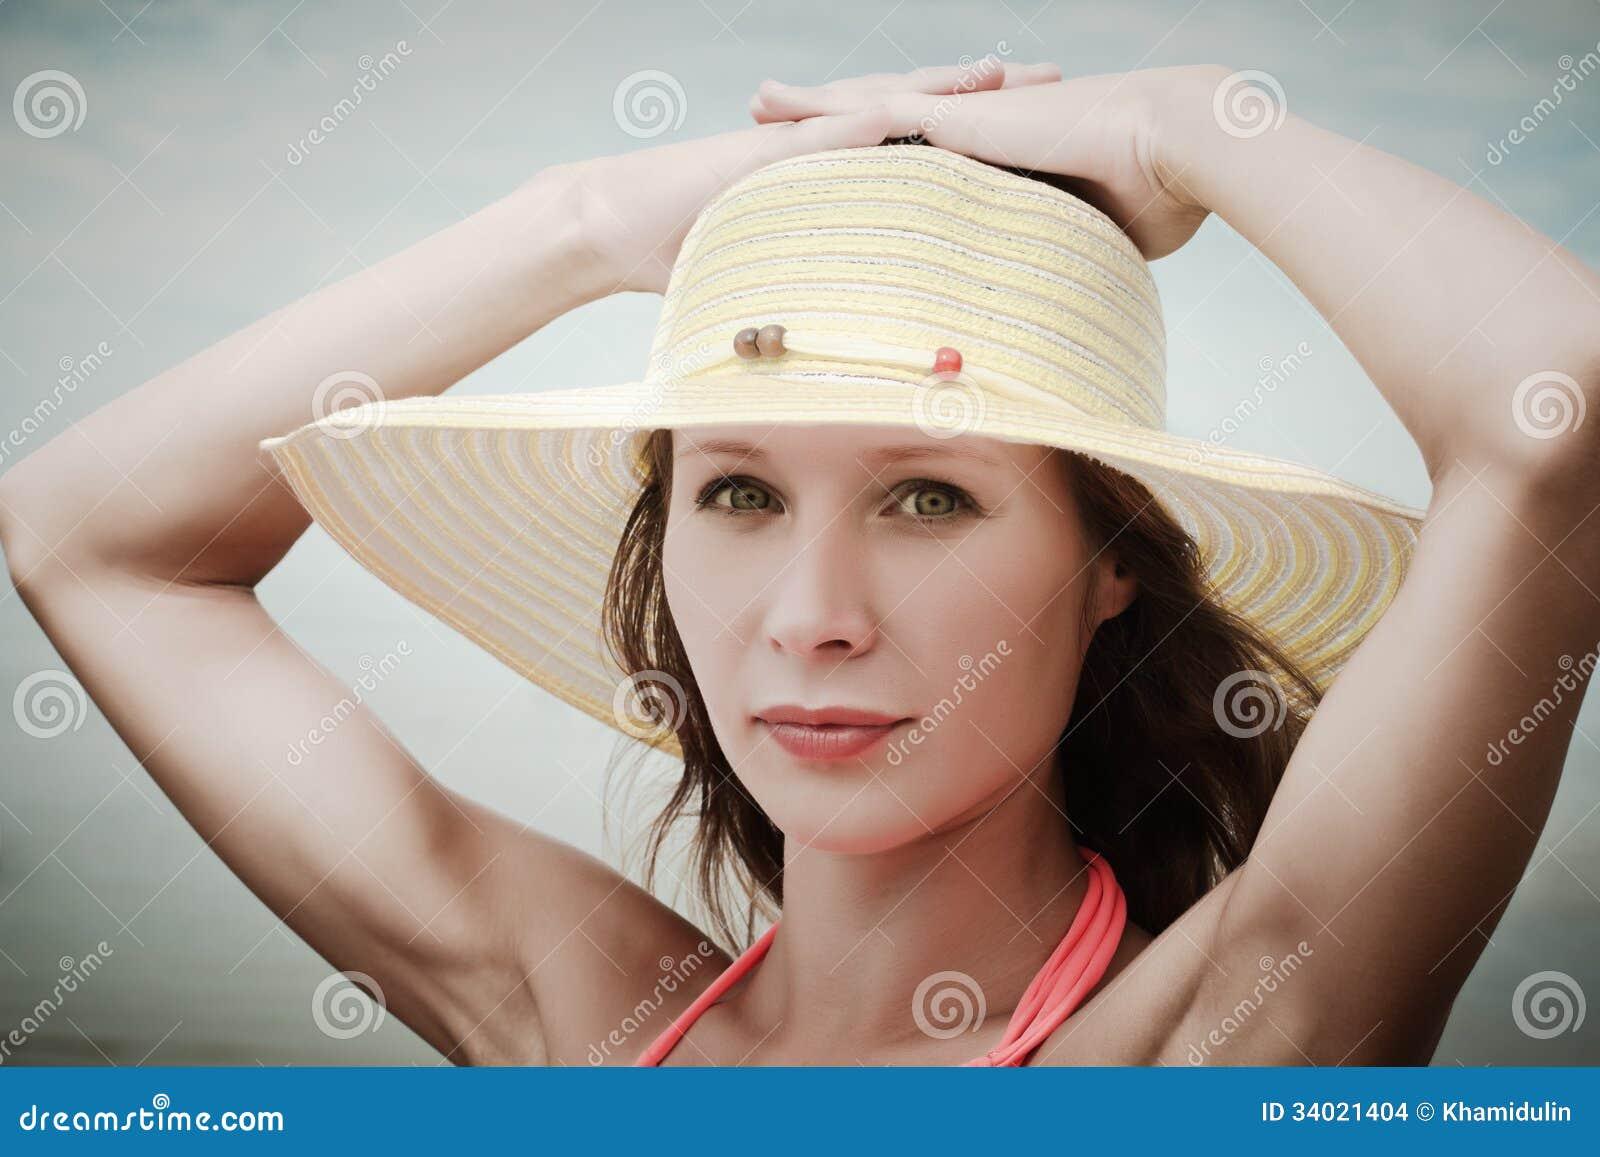 Girl wearing bikini and hat